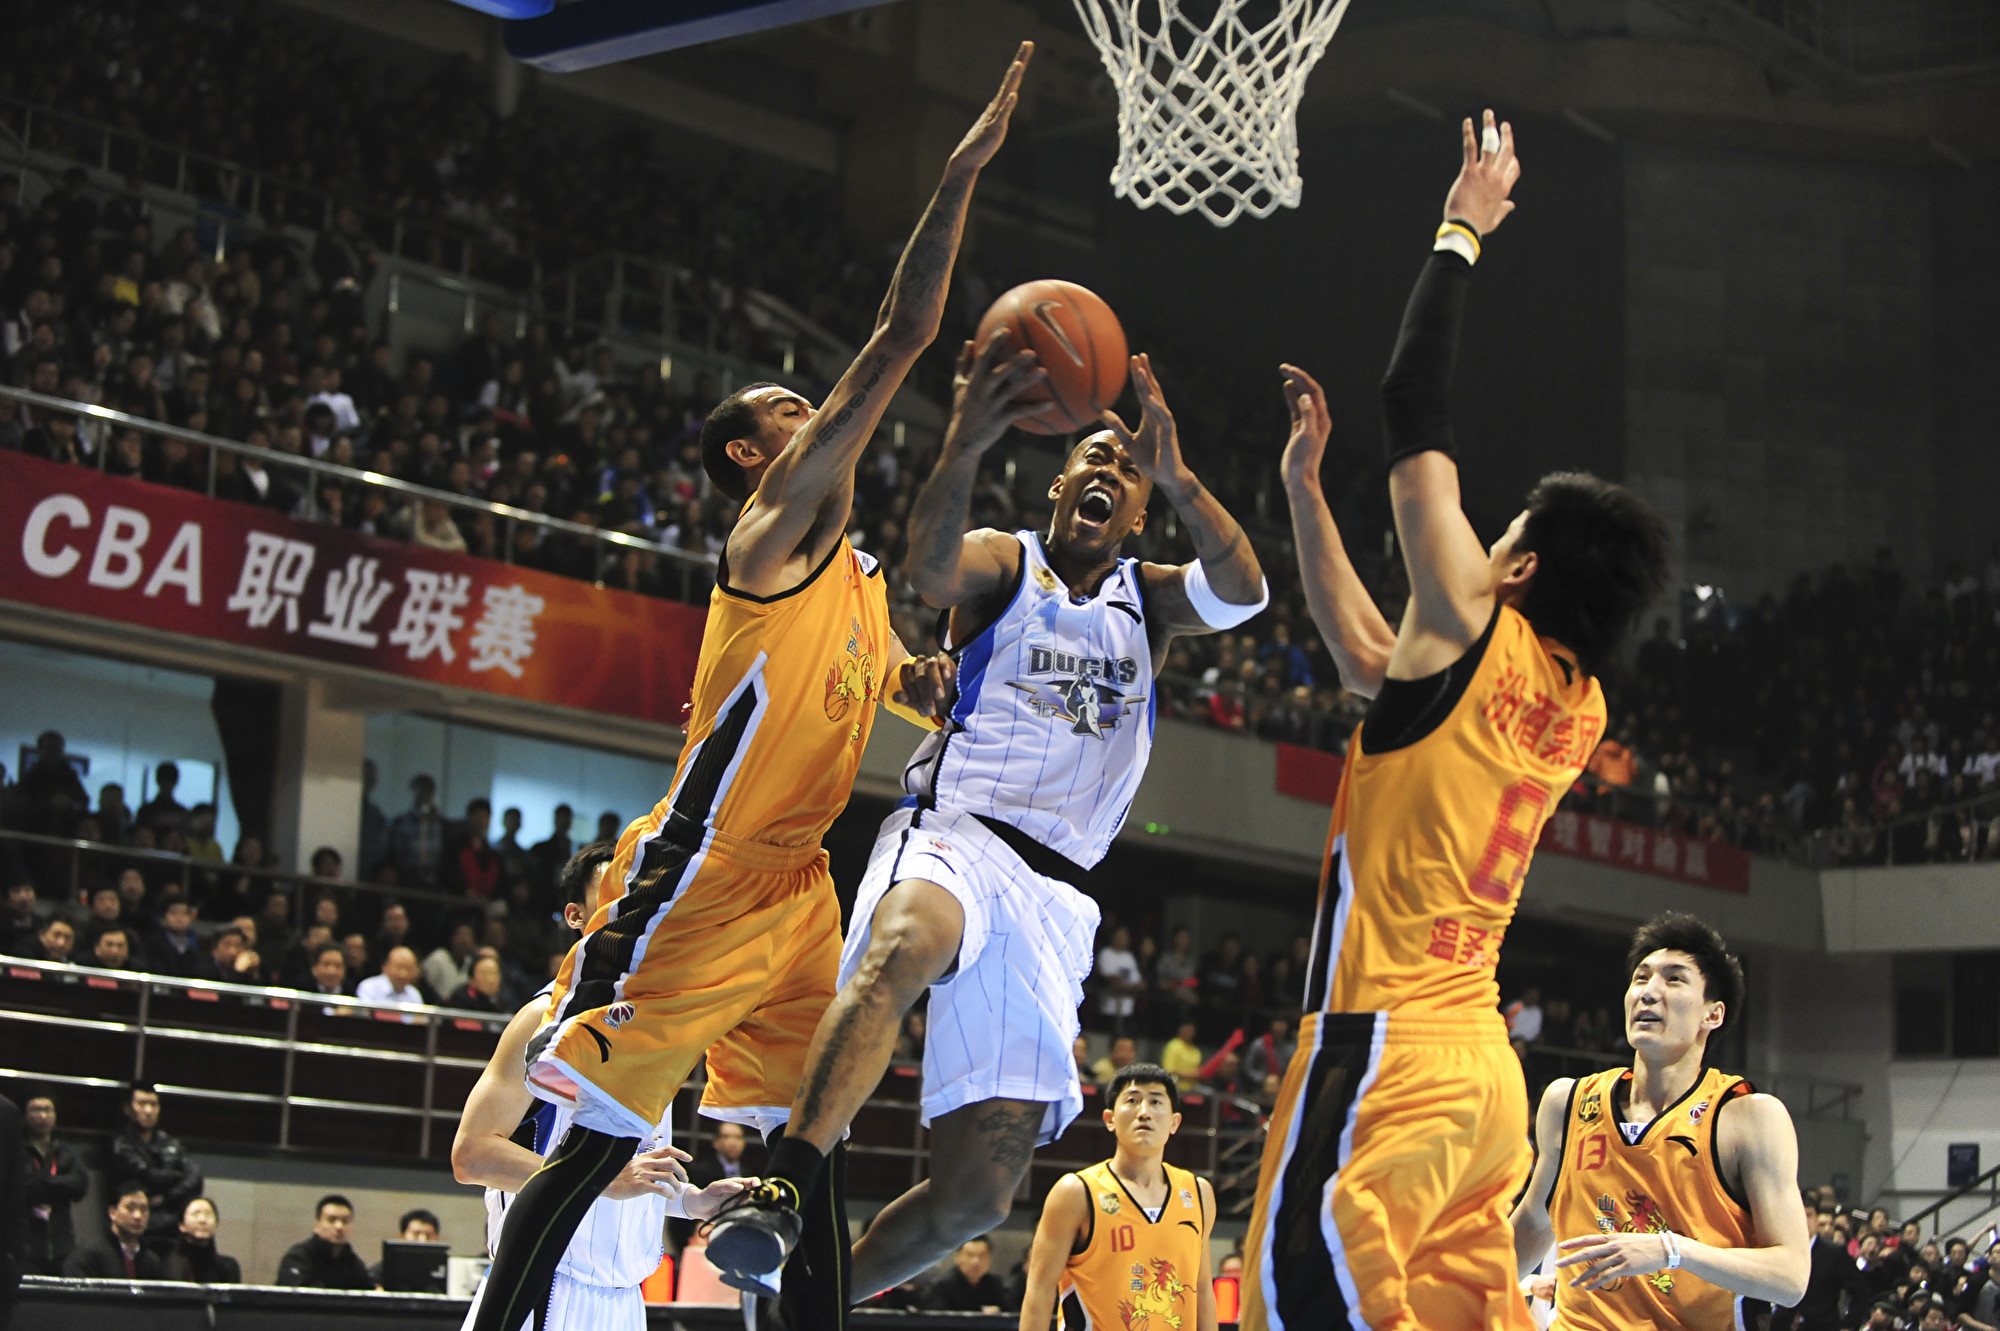 中國職籃法籍球員未看五星旗挨罰 網民吐槽